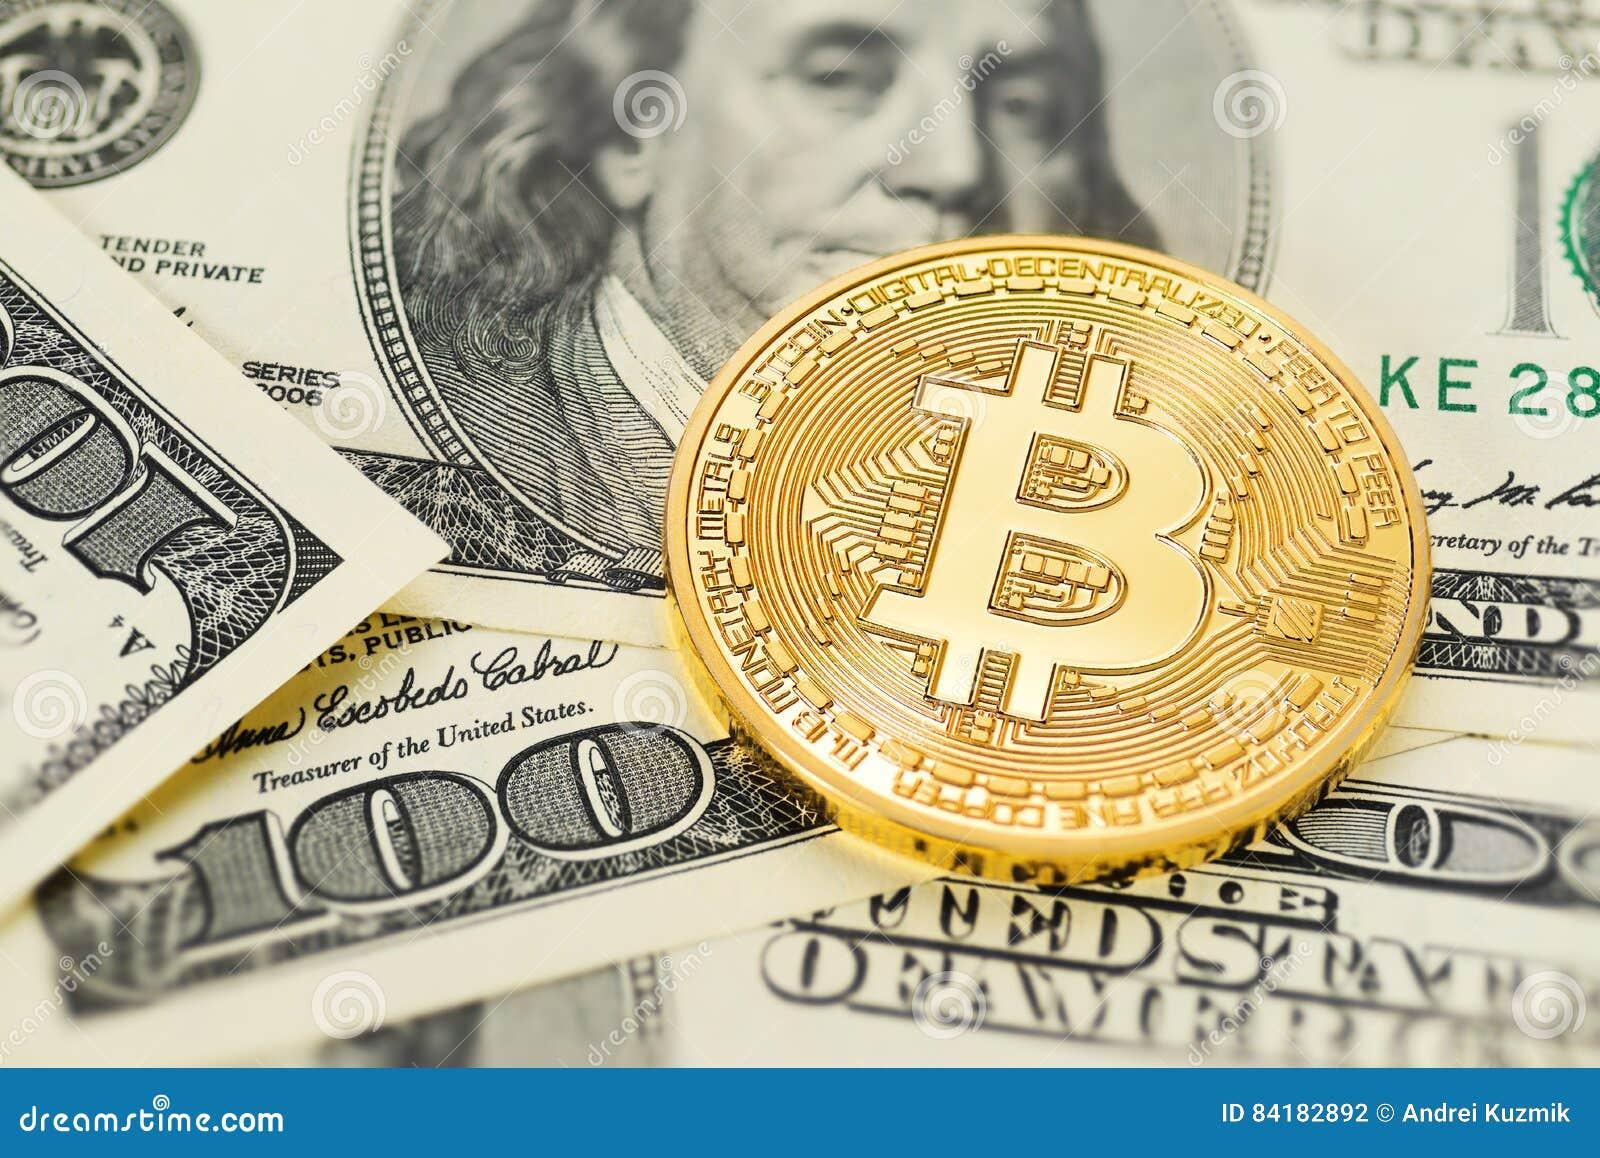 btc ke dollar